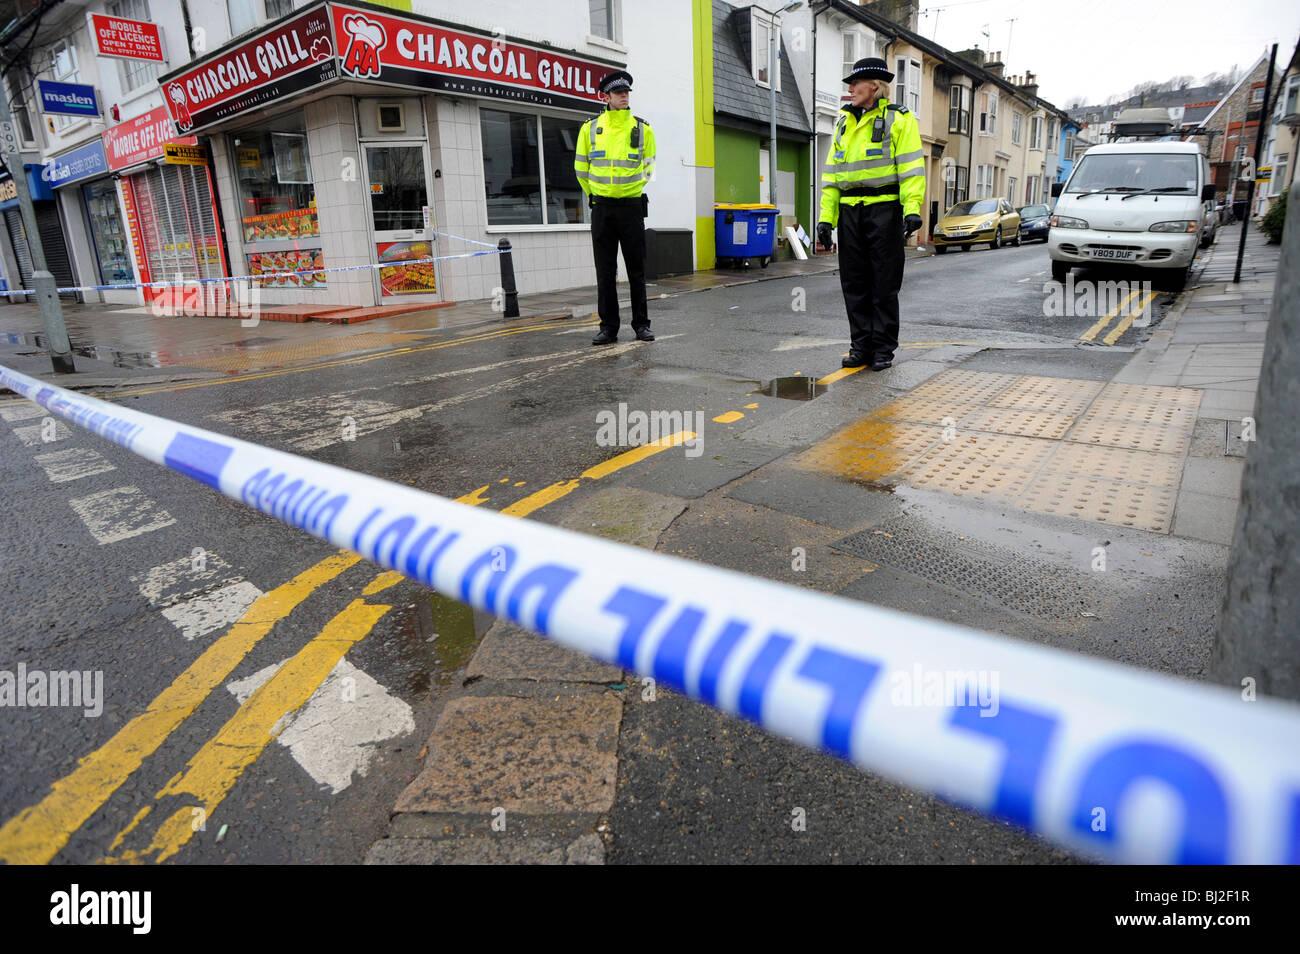 Les agents de soutien communautaire de la police sur les lieux d'un incident sérieux à Brighton Photo Stock